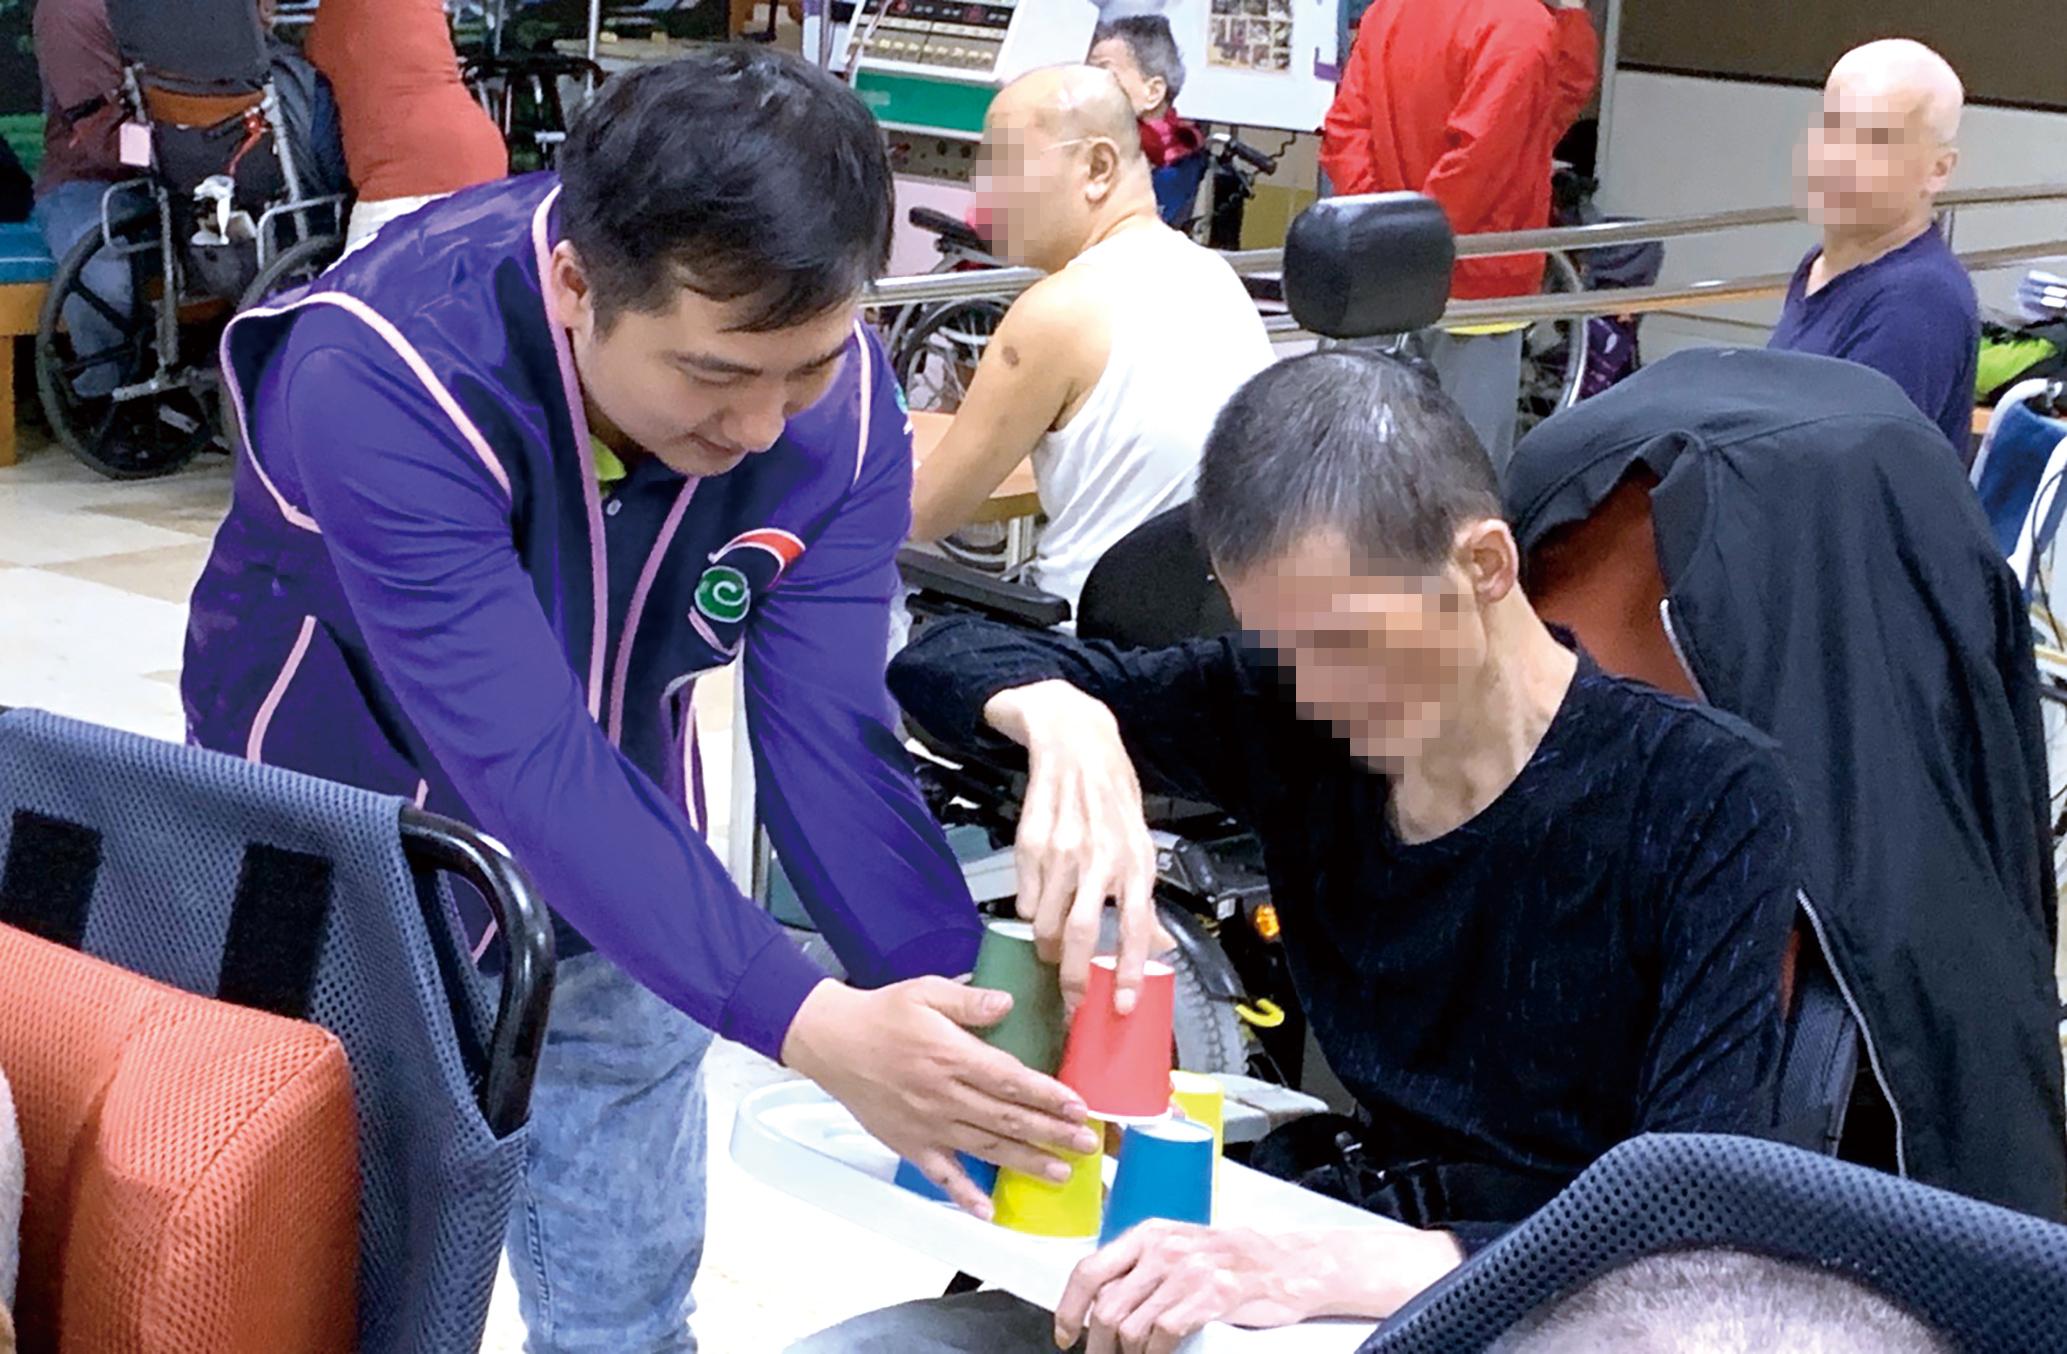 志工陪伴長輩完成「疊杯子」任務,彼此內心都充滿成就感與喜悅。